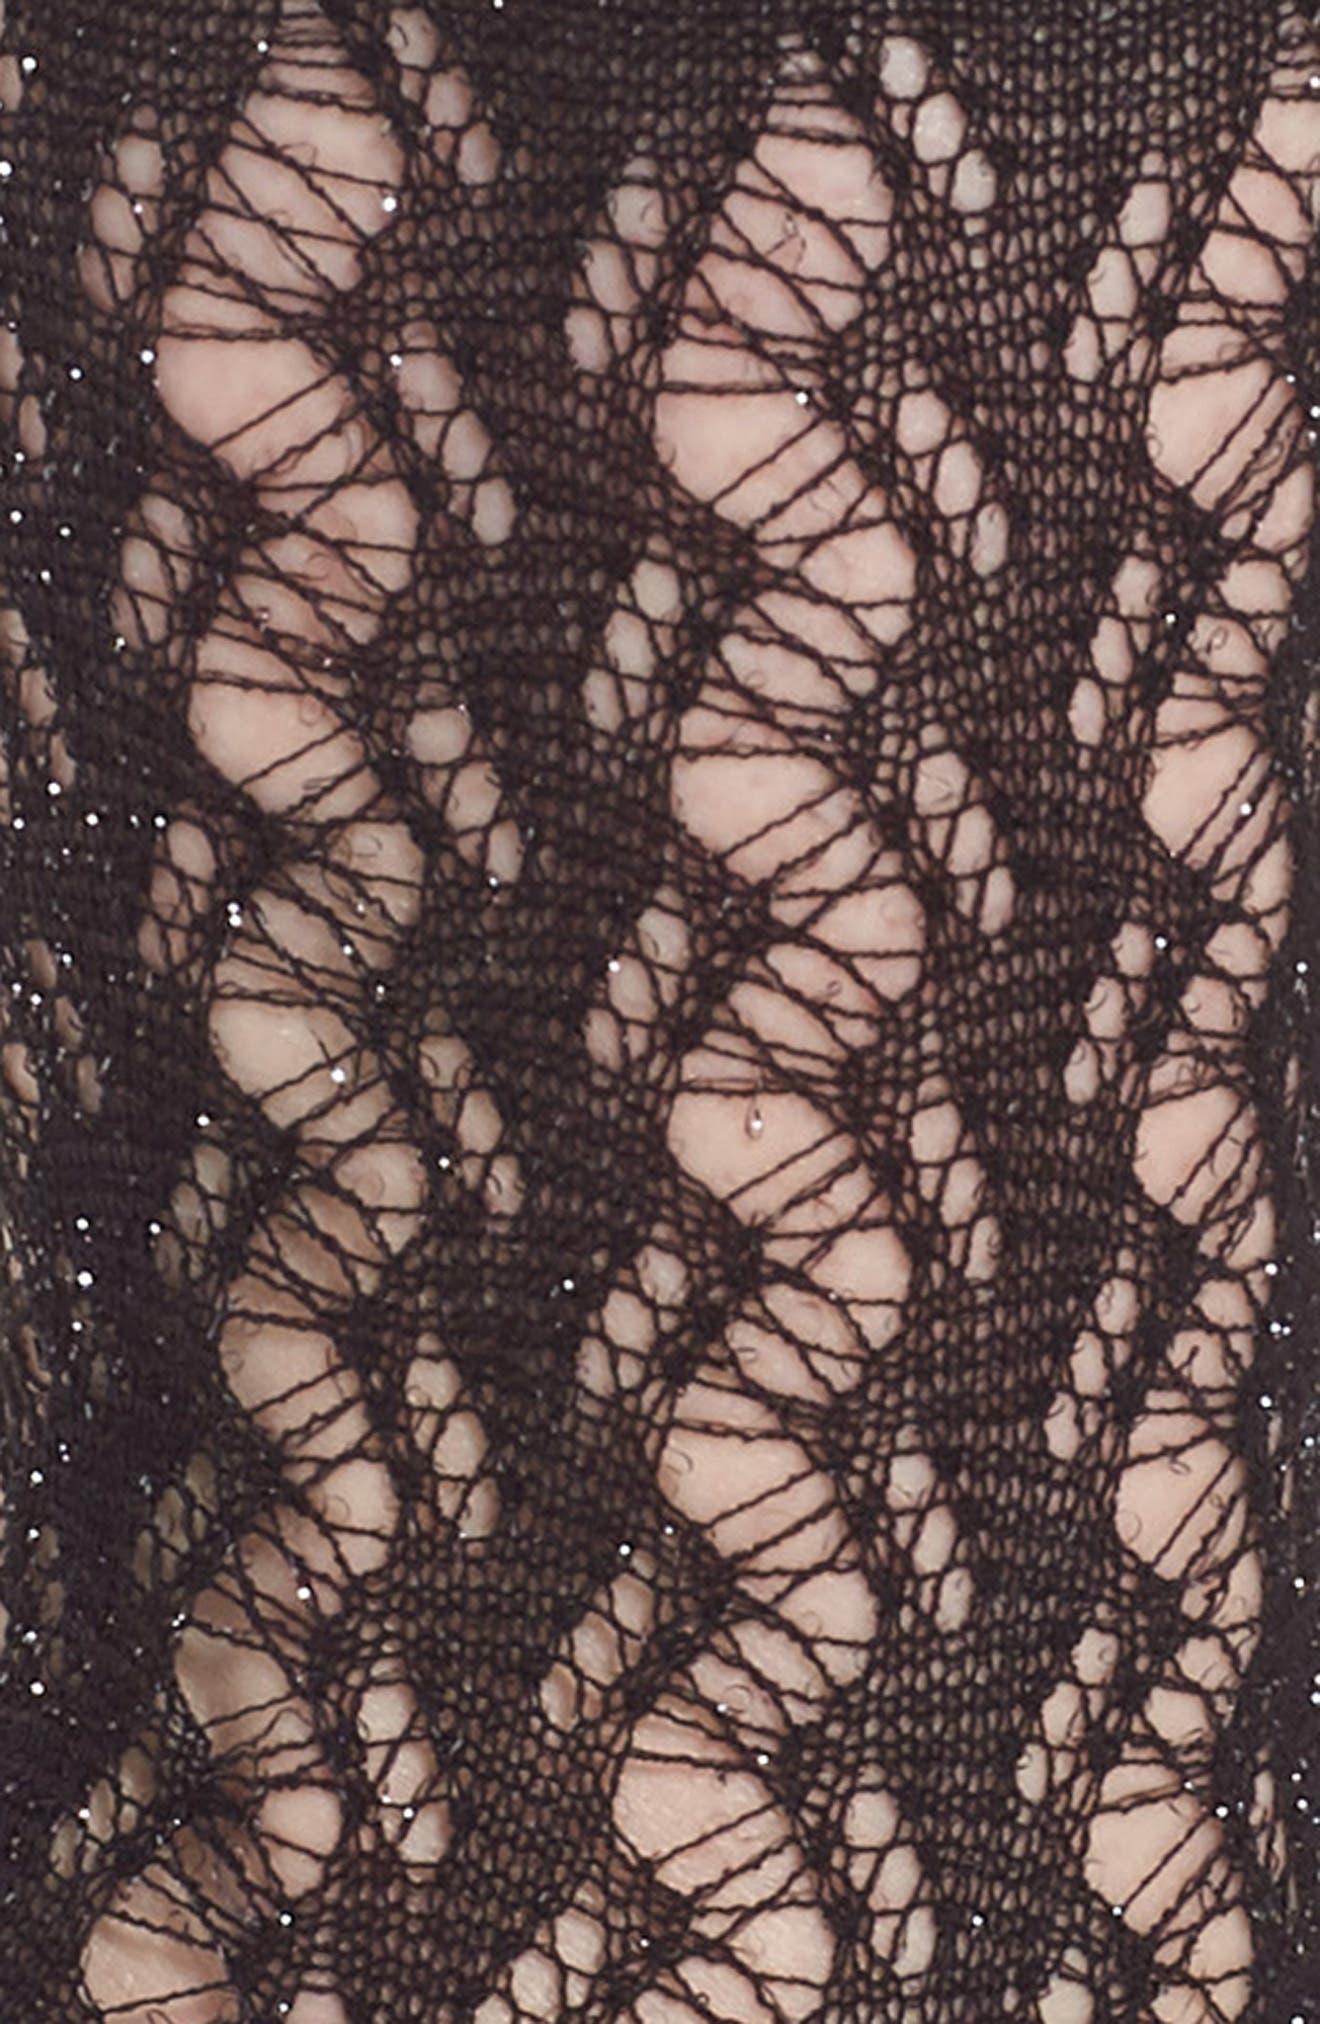 Calzino Glitter Fishnet Trouser Socks,                             Alternate thumbnail 2, color,                             Black